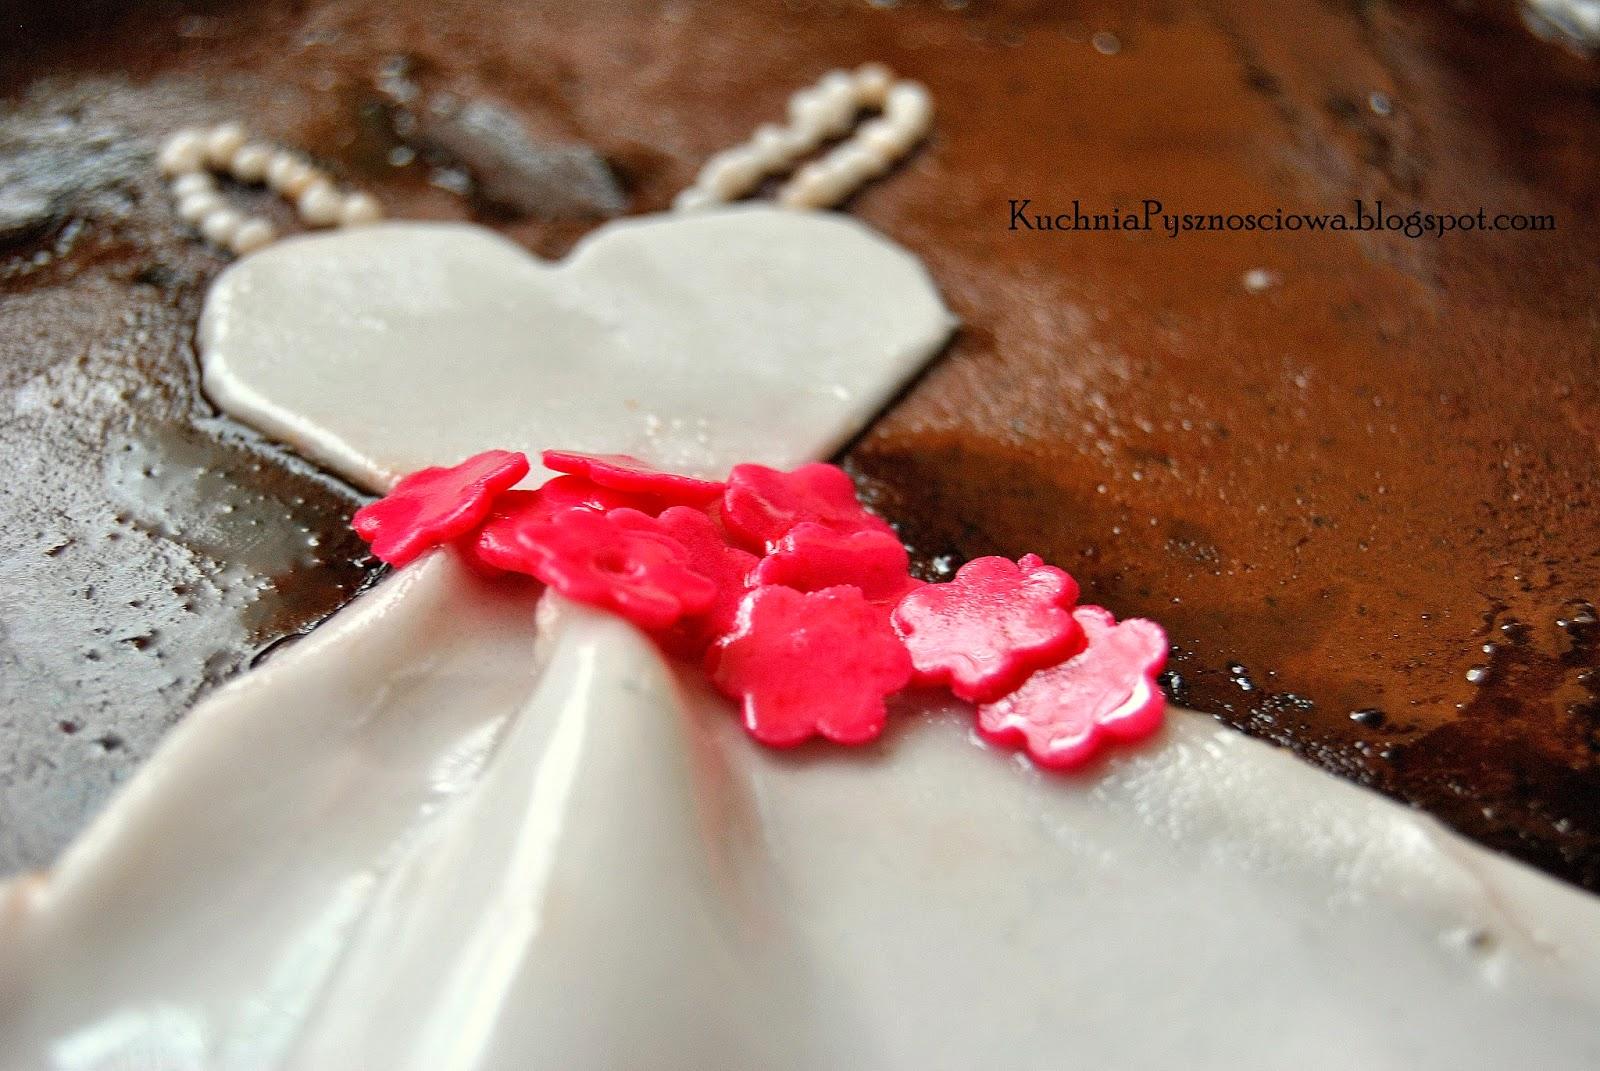 Elegancki, księżniczkowy tort na wieczór panieński